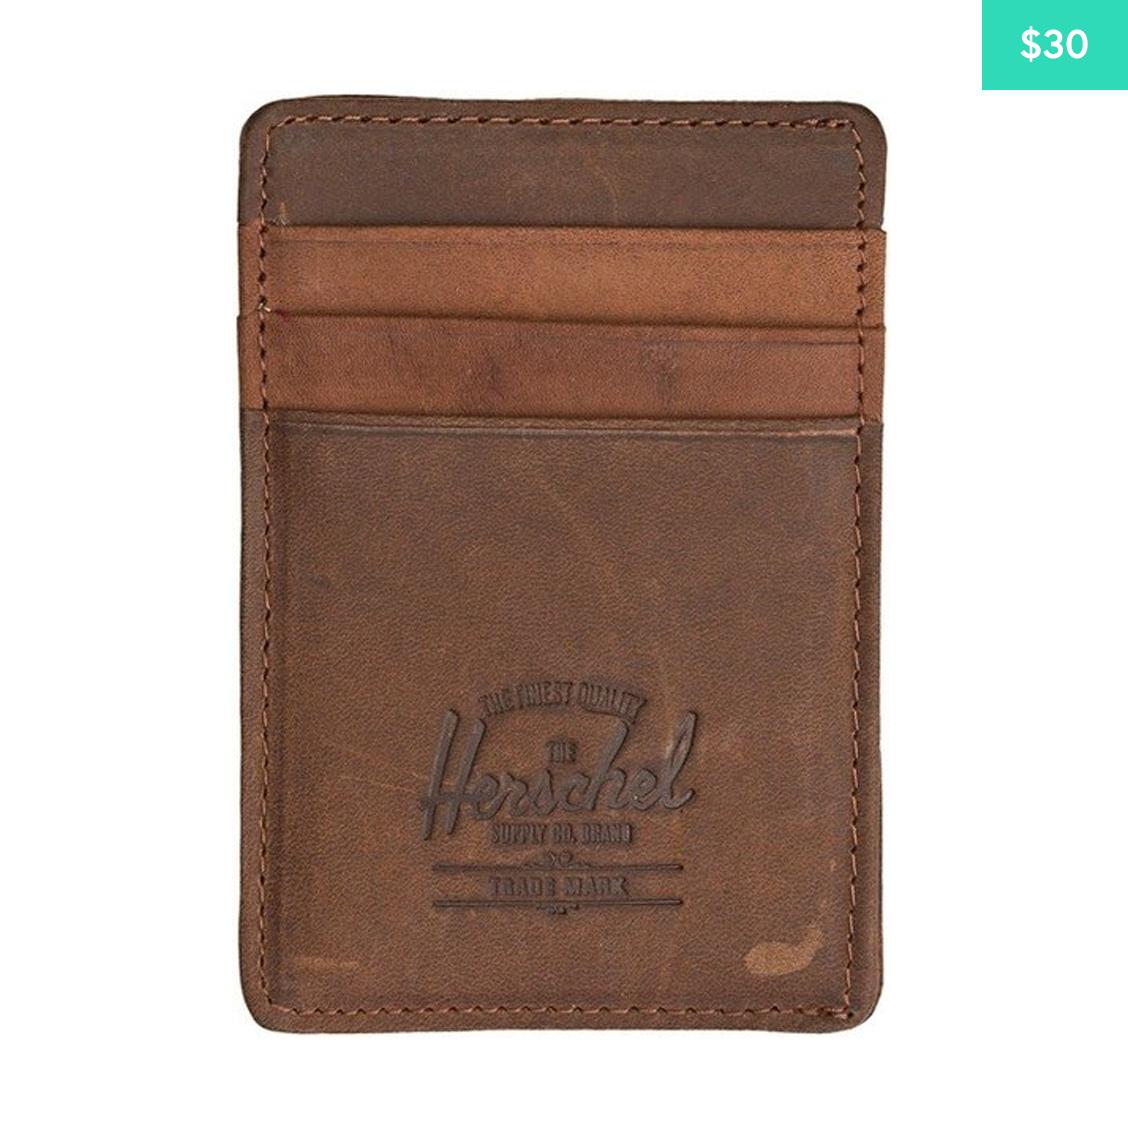 Herschel Supply Co. Raven, Brown Nubuck